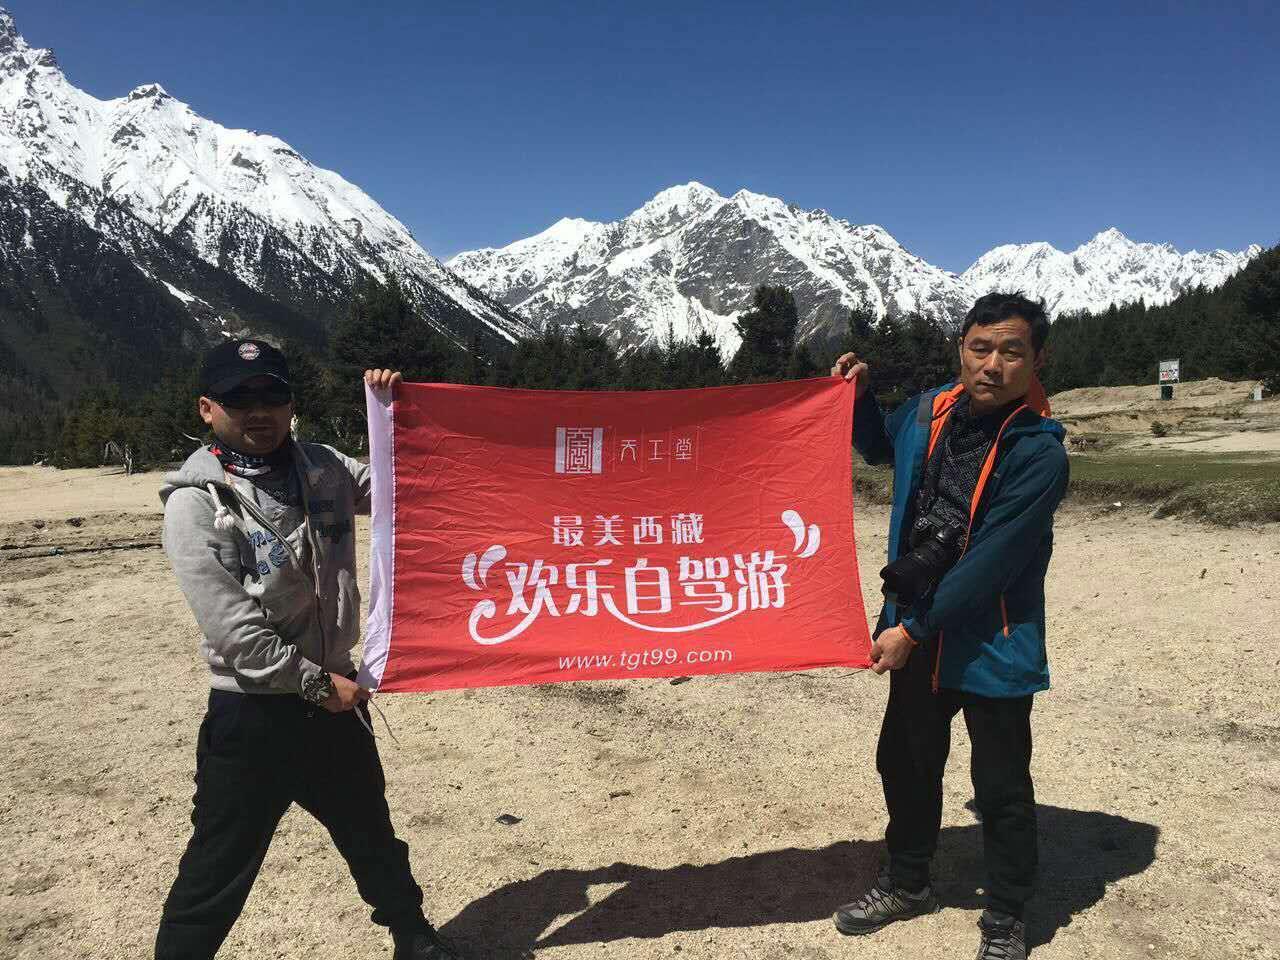 一次说走就走的旅行——体验藏族文化